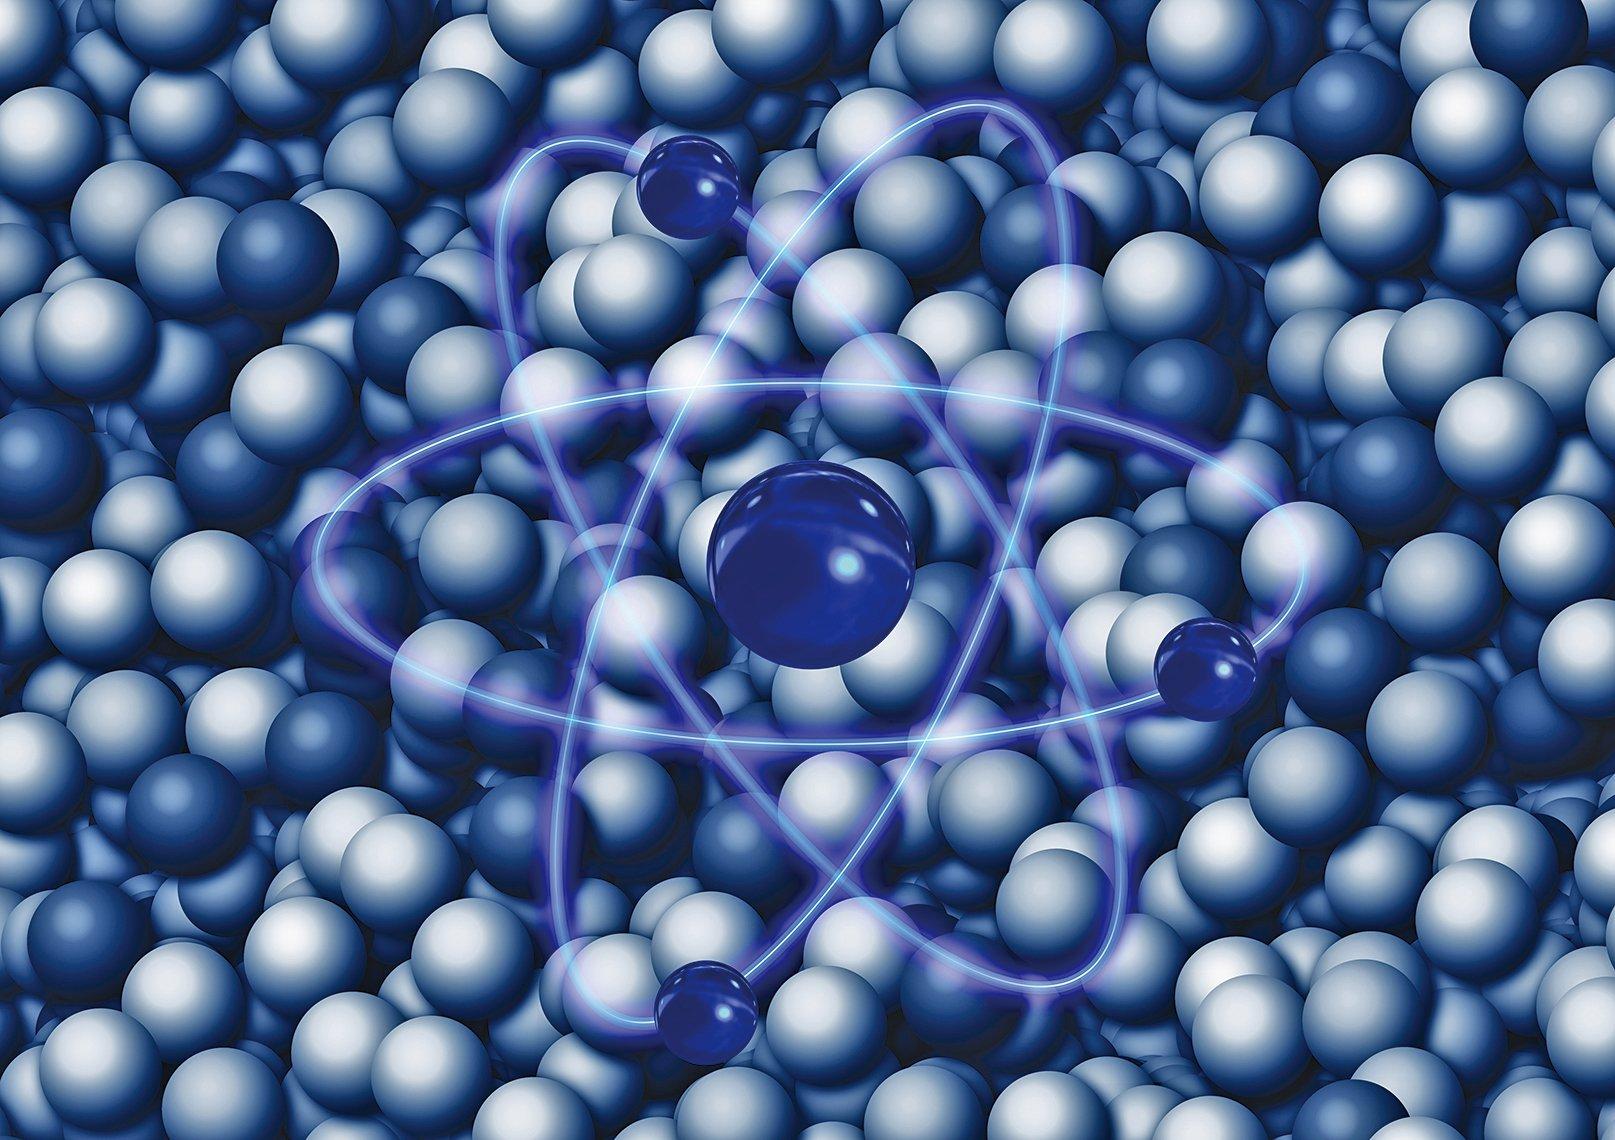 構成原子的電子和原子核之間是有間隙的,而且這個間隙與電子和原子核本身相比,也是一個無比巨大的空間。